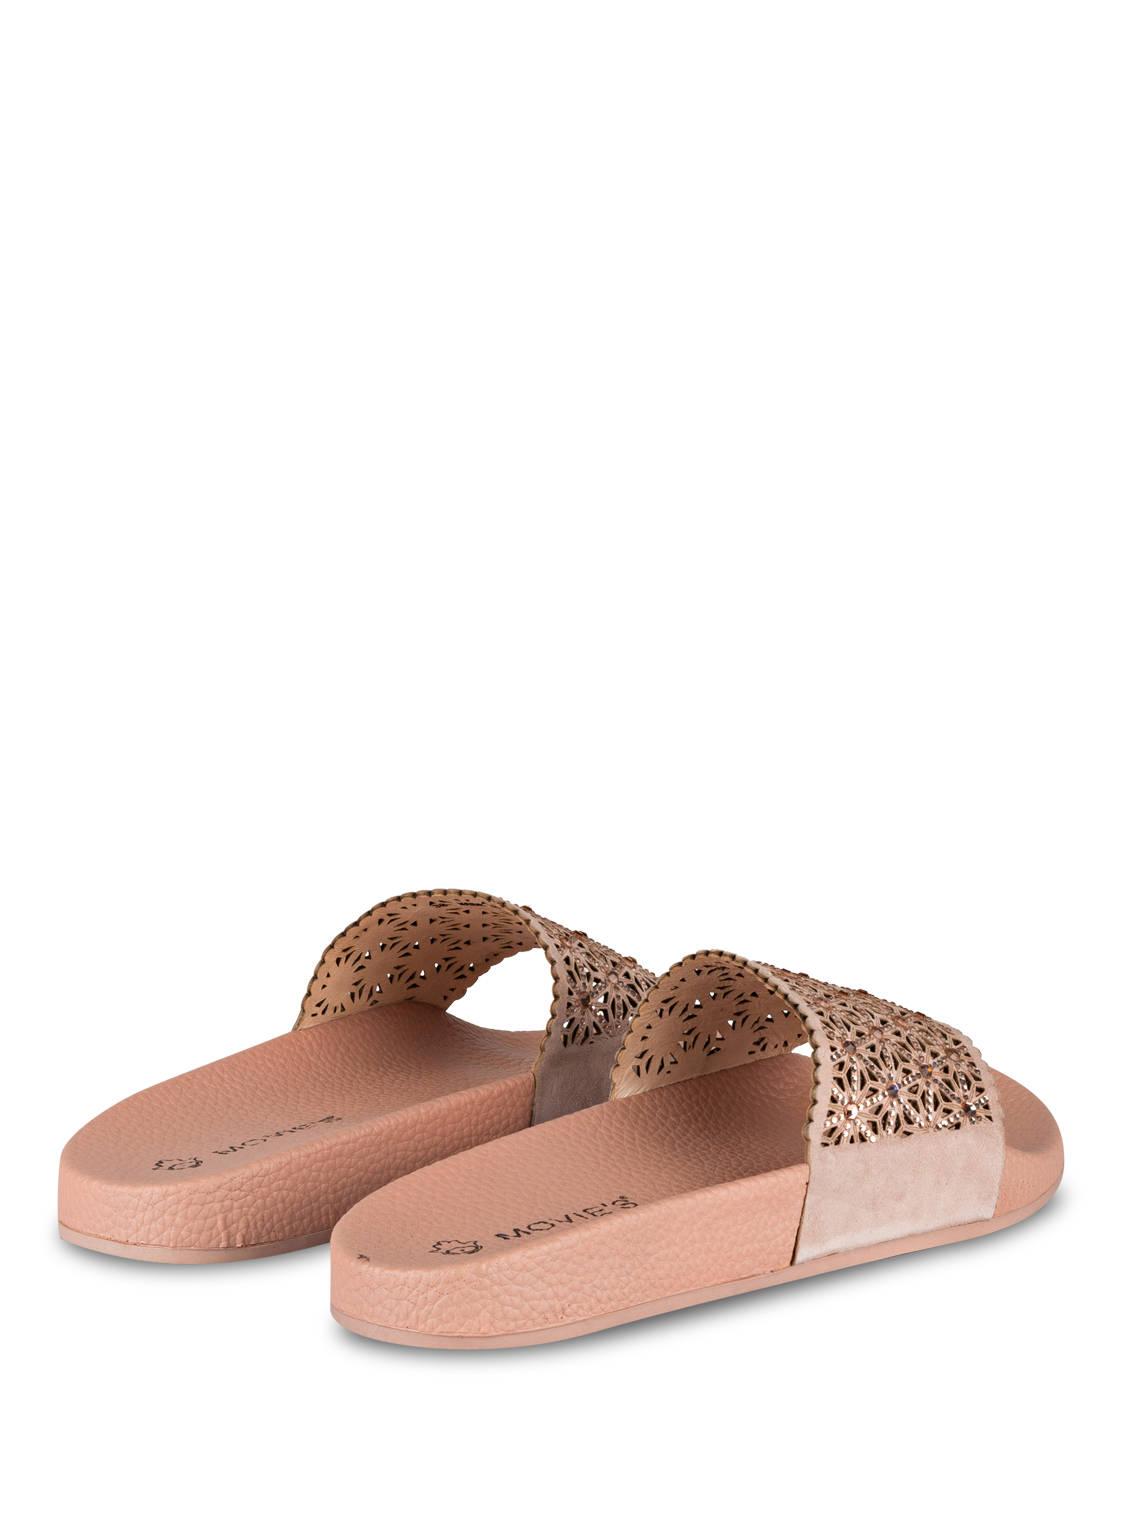 movie s sandalen mit schmucksteinbesatz rosa g nstig. Black Bedroom Furniture Sets. Home Design Ideas